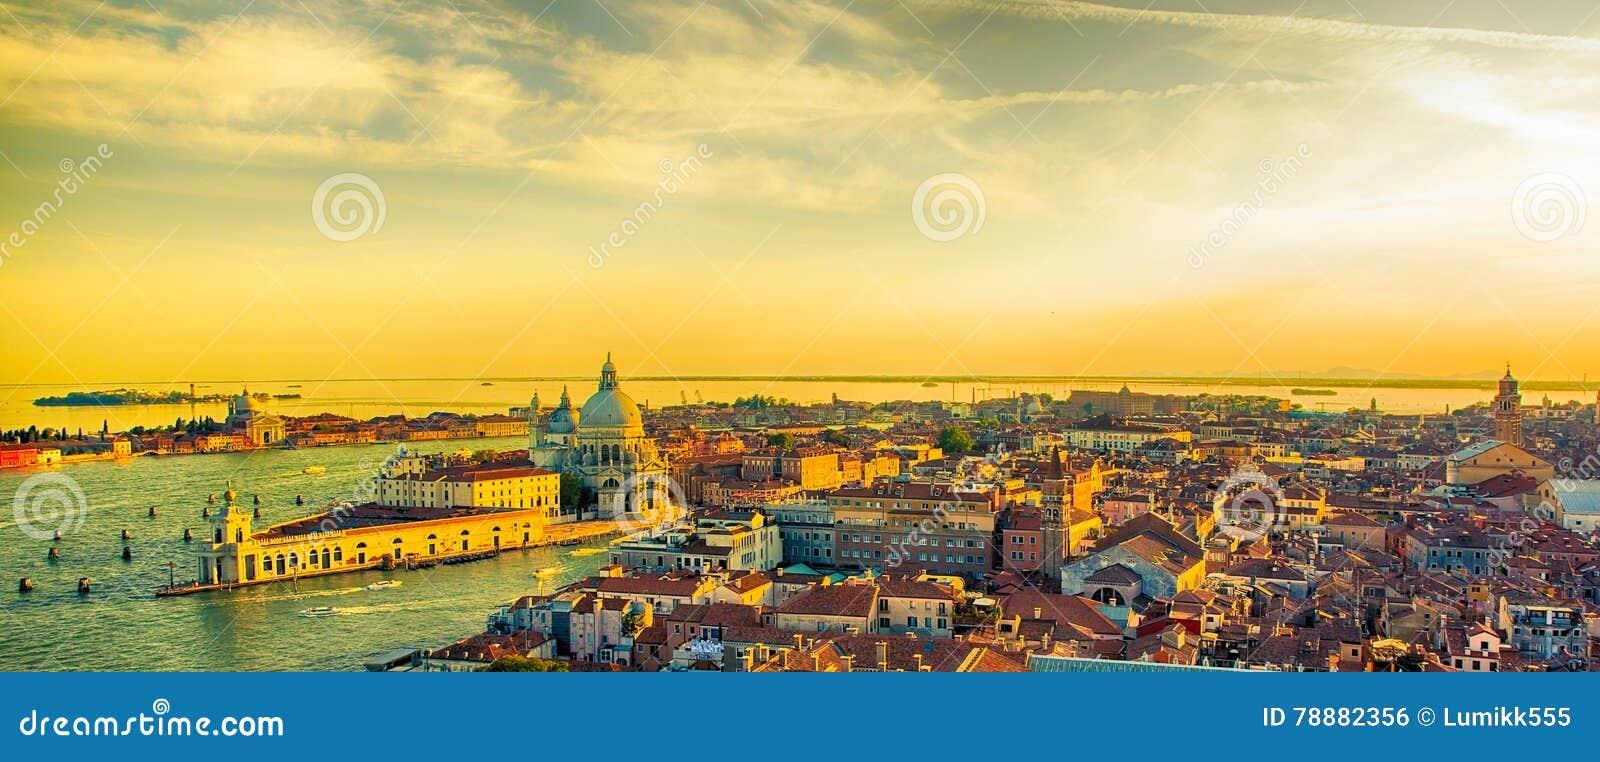 Piękny panoramiczny widok z lotu ptaka Wenecja